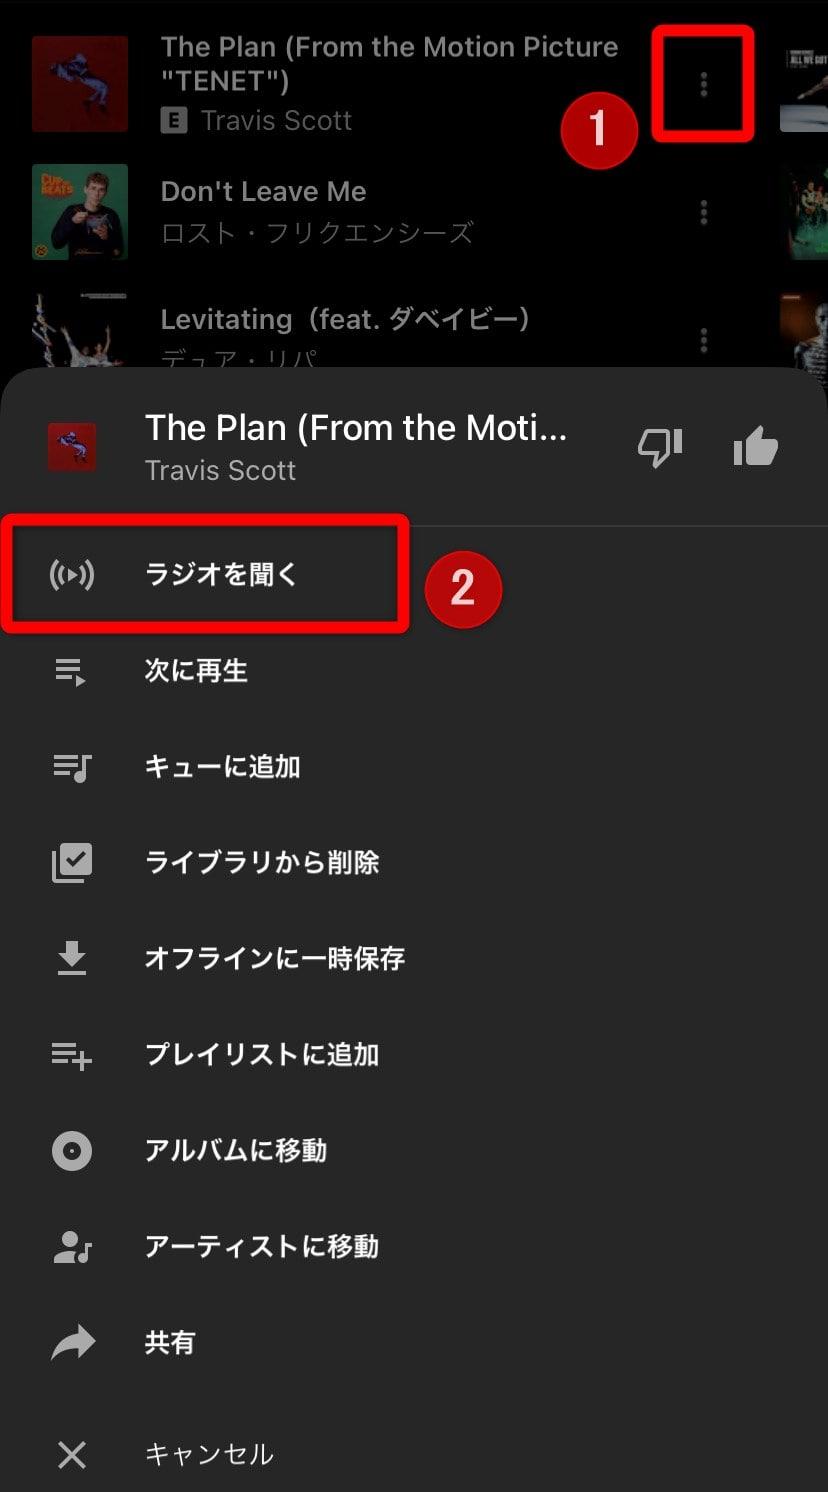 Youtube Musicのラジオとは?